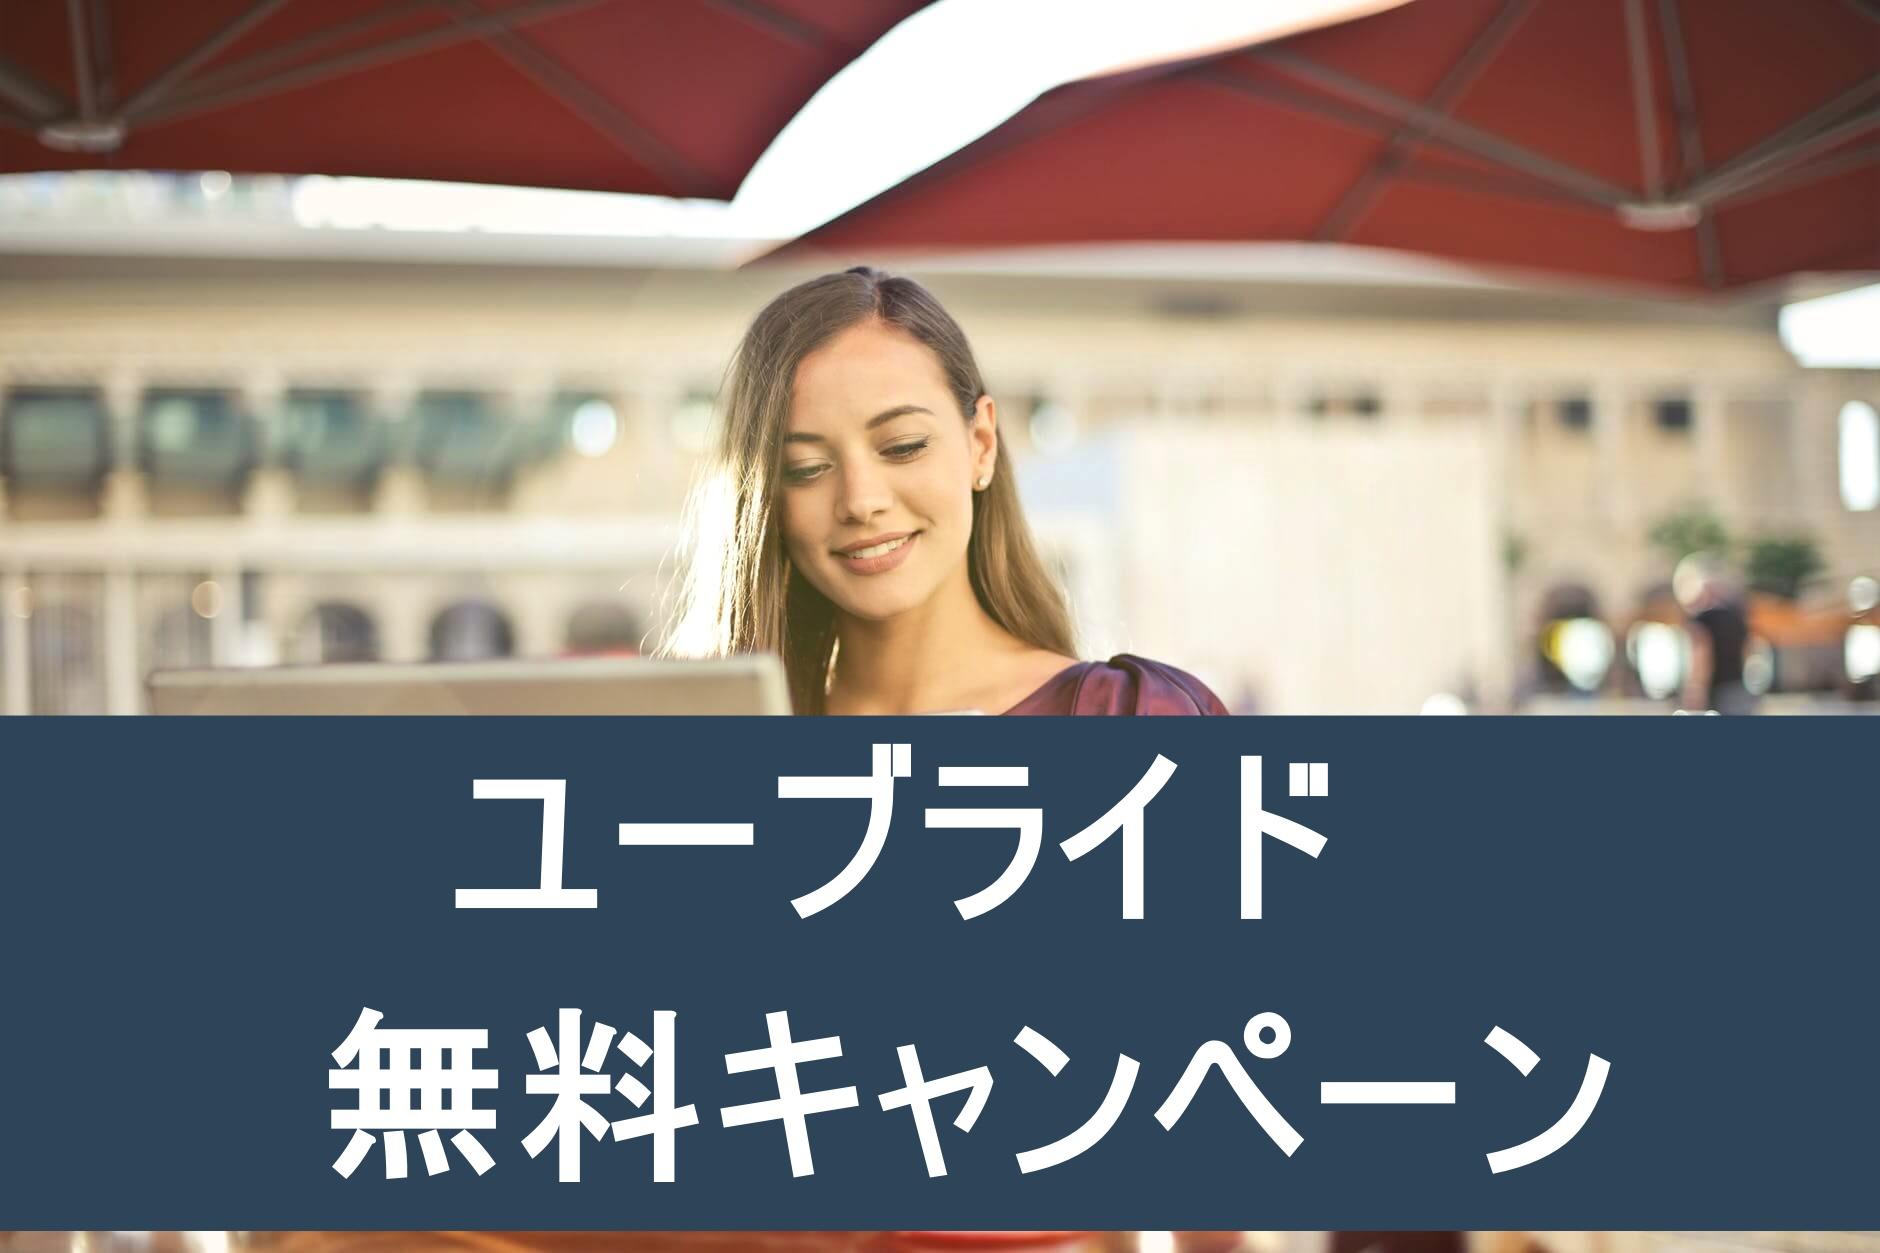 【無料キャンペーン】ユーブライドの料金をお得にする方法!申し込みガイド